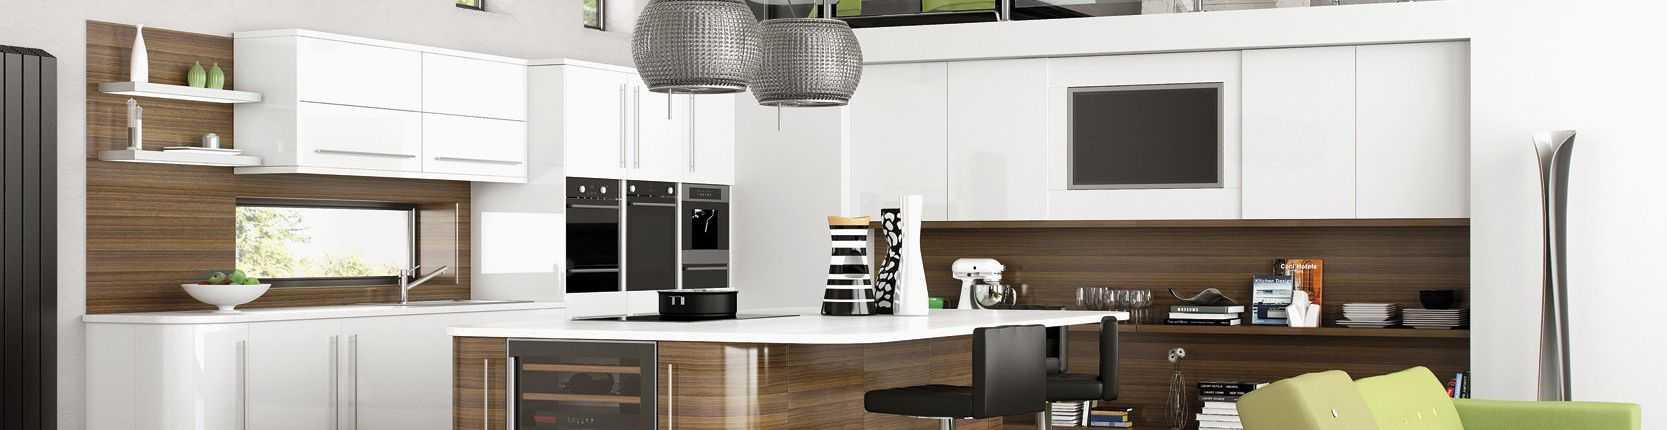 tủ bếp acrylic trắng kết hợp vân gỗ